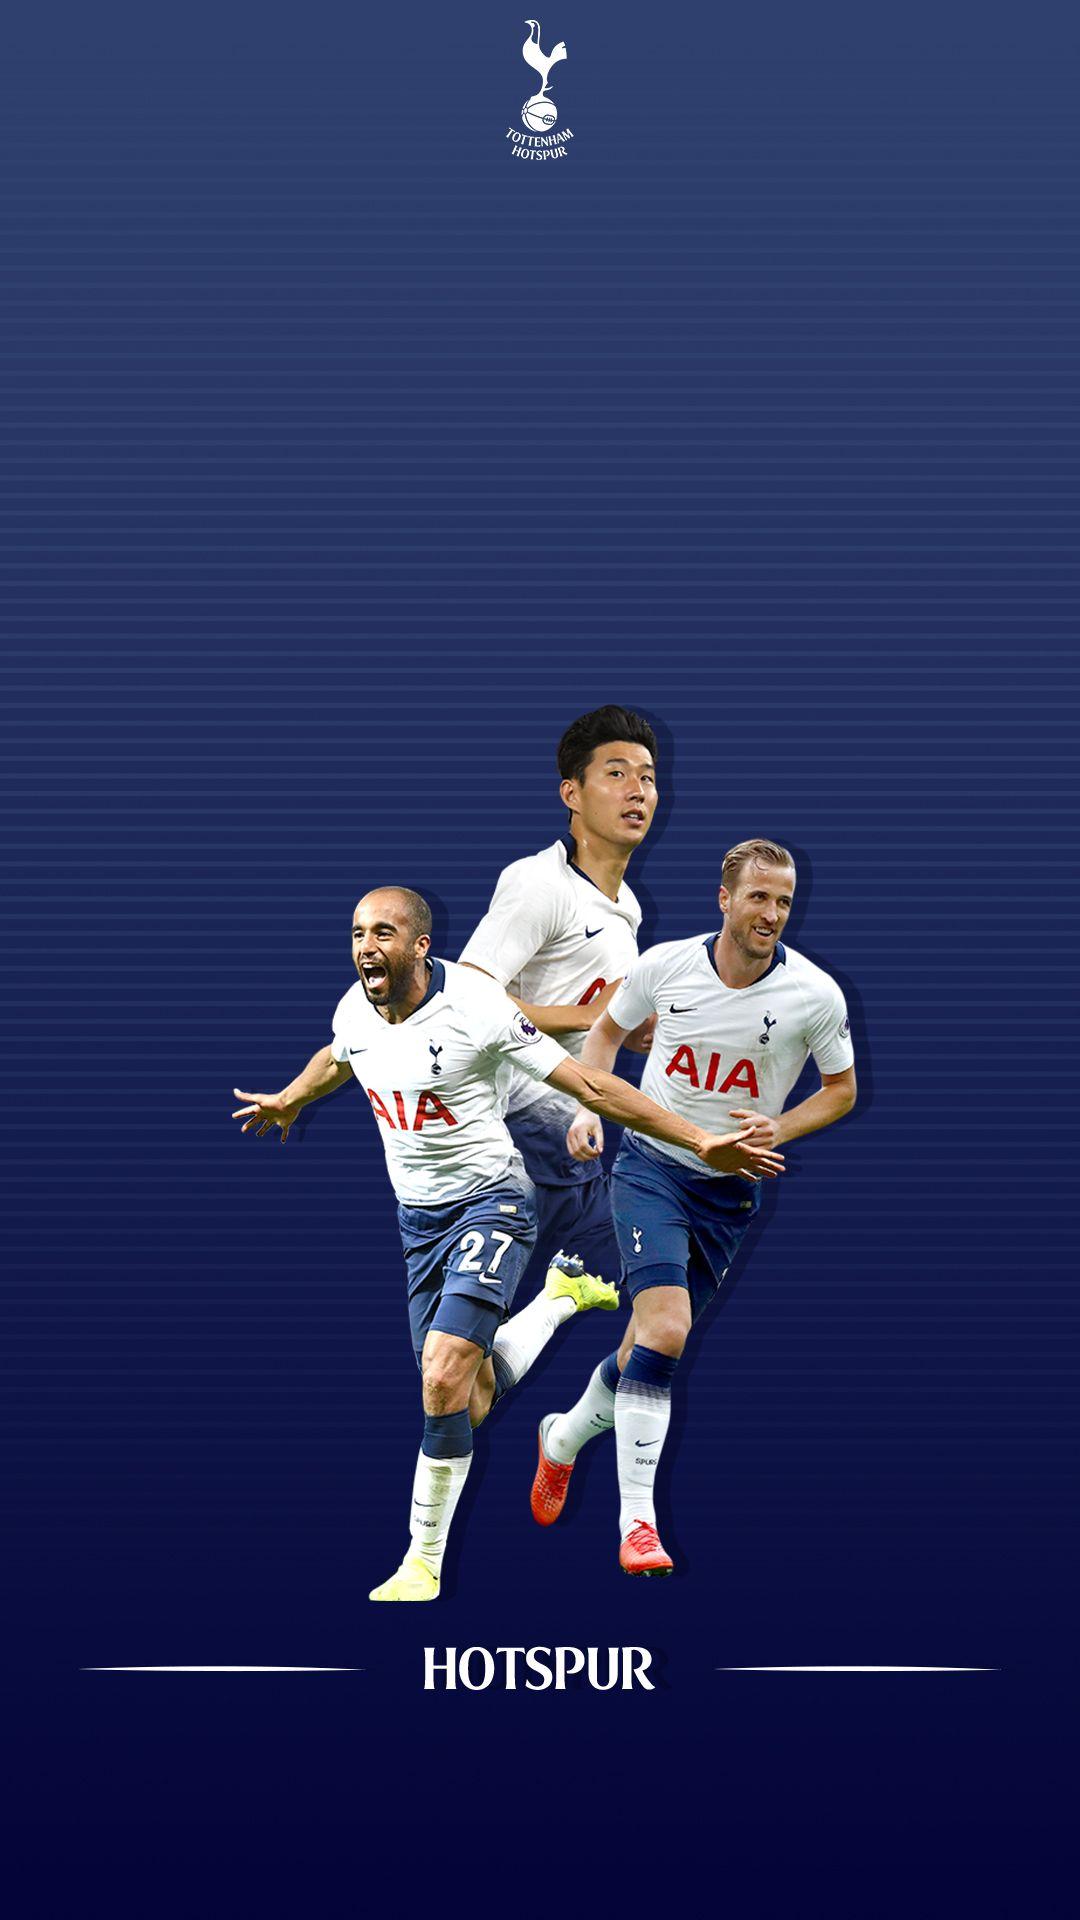 Tottenham Hotspur Fc Football Harry Kane Son Heung Son Heung Min Wallpaper 2019 1080x1920 Download Hd Wallpaper Wallpapertip